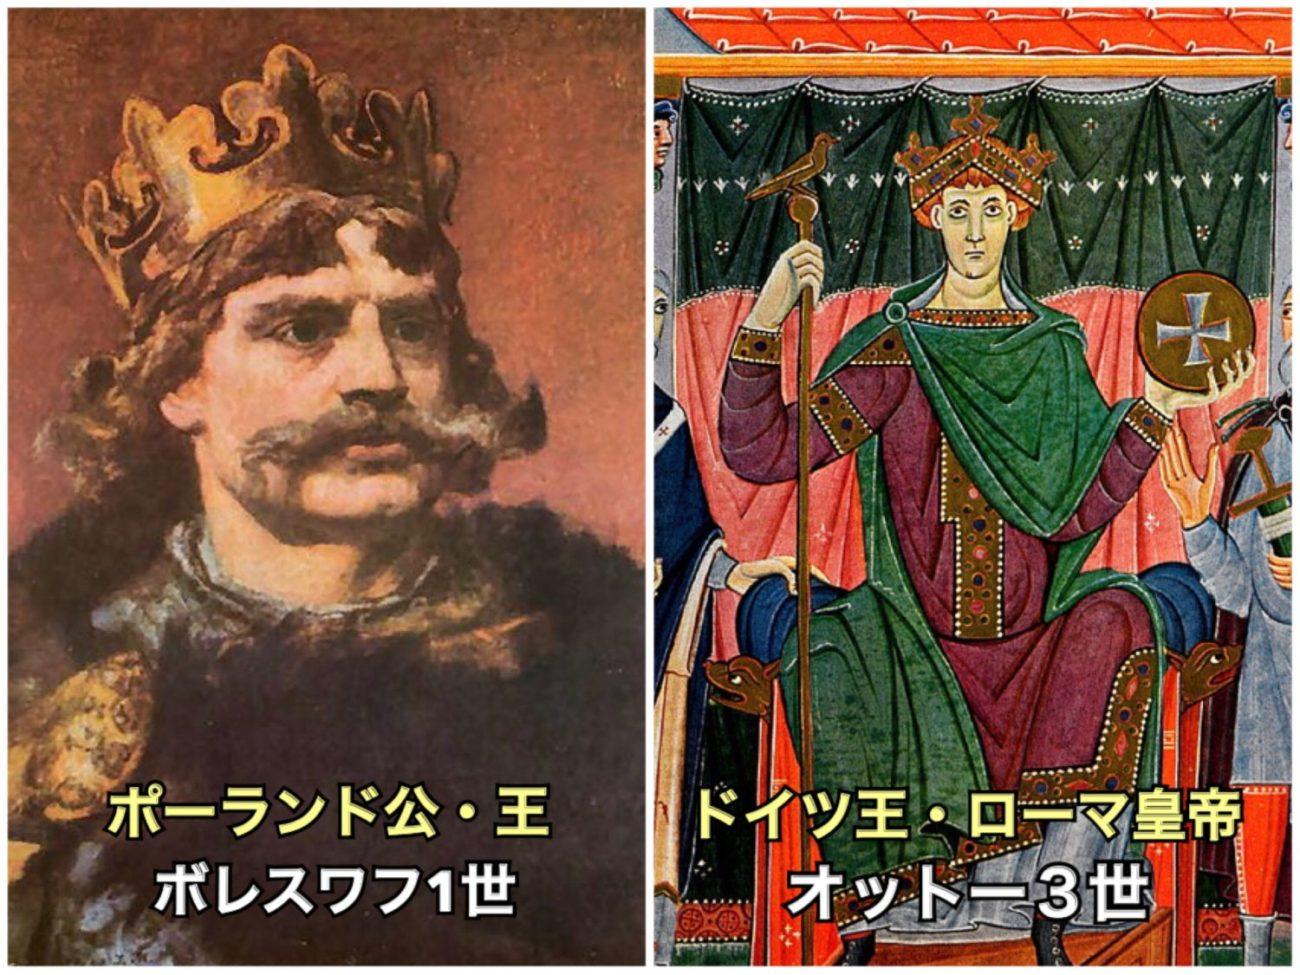 ボレスワフ1世とオットー3世